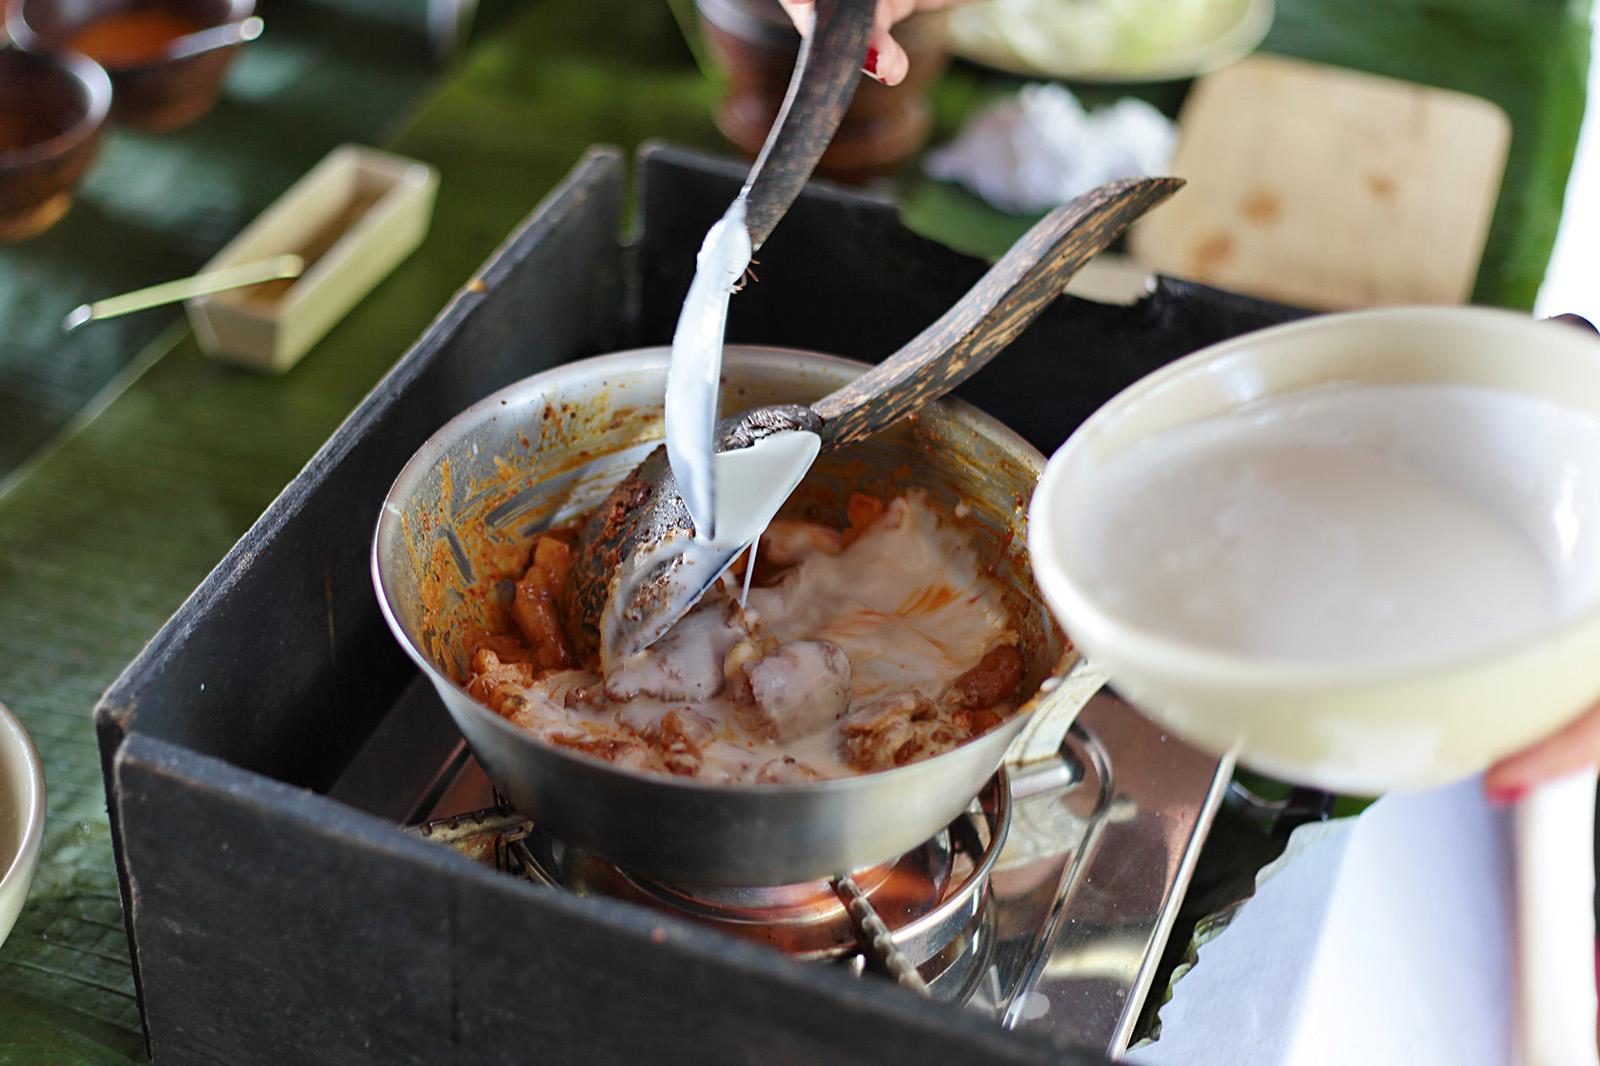 Kokosové mléko zjemní a zahustí massaman kari